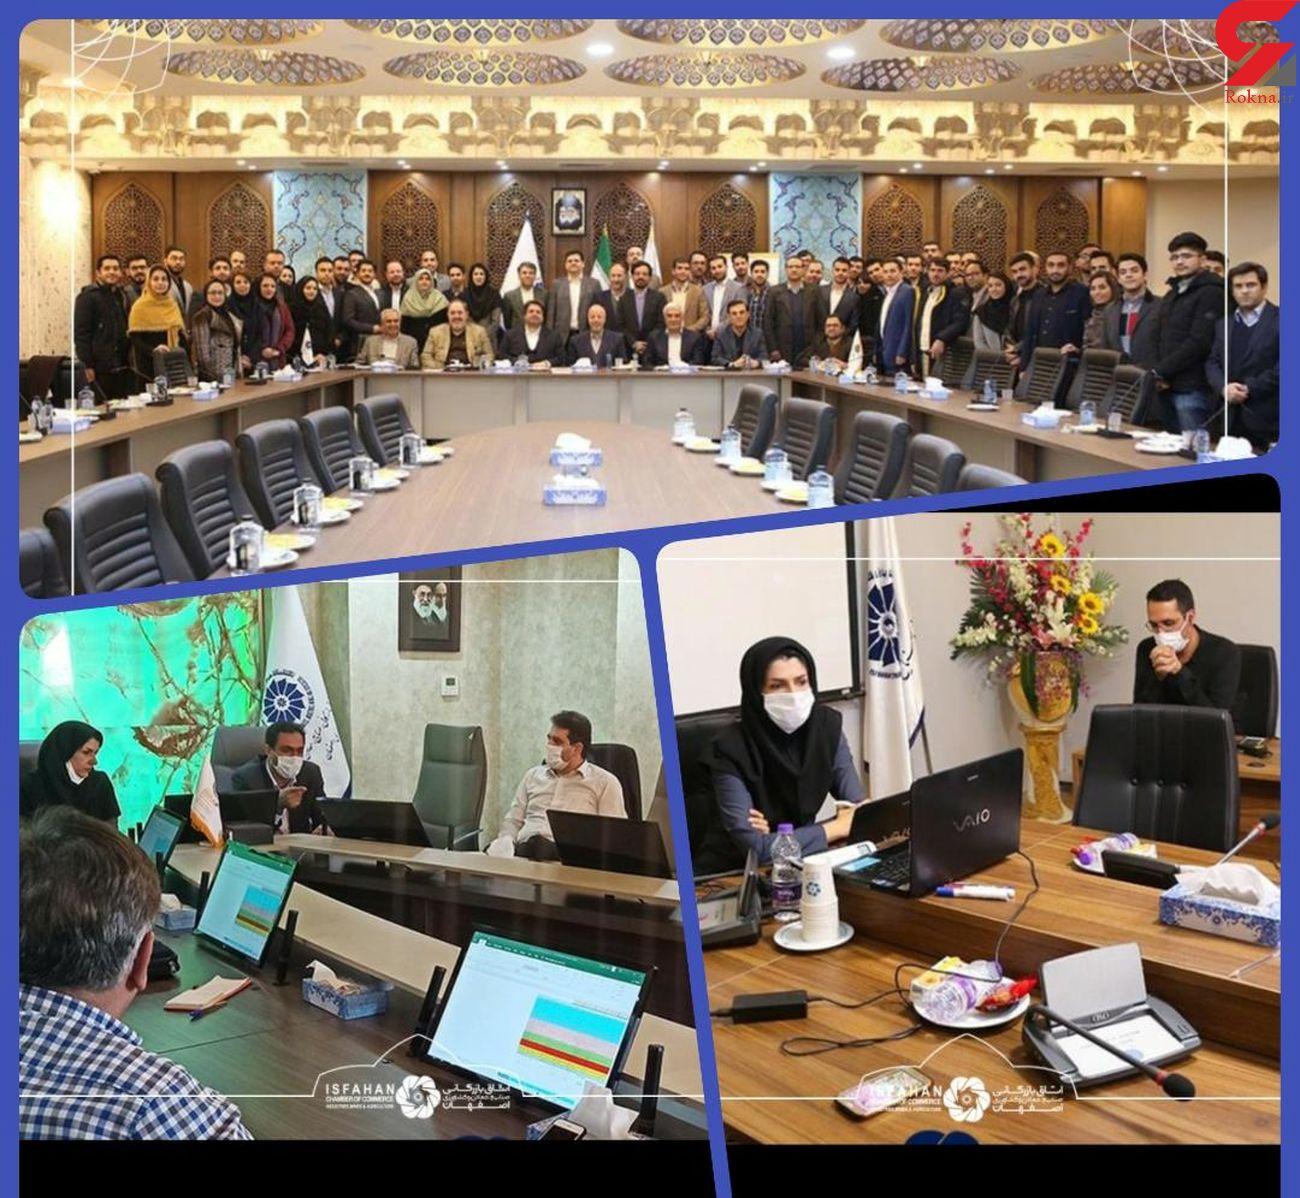 مرکز شتابدهنده صادراتی اتاق بازرگانی اصفهان اصلی ترین شریک مرکز تجارت جهانی در ایران